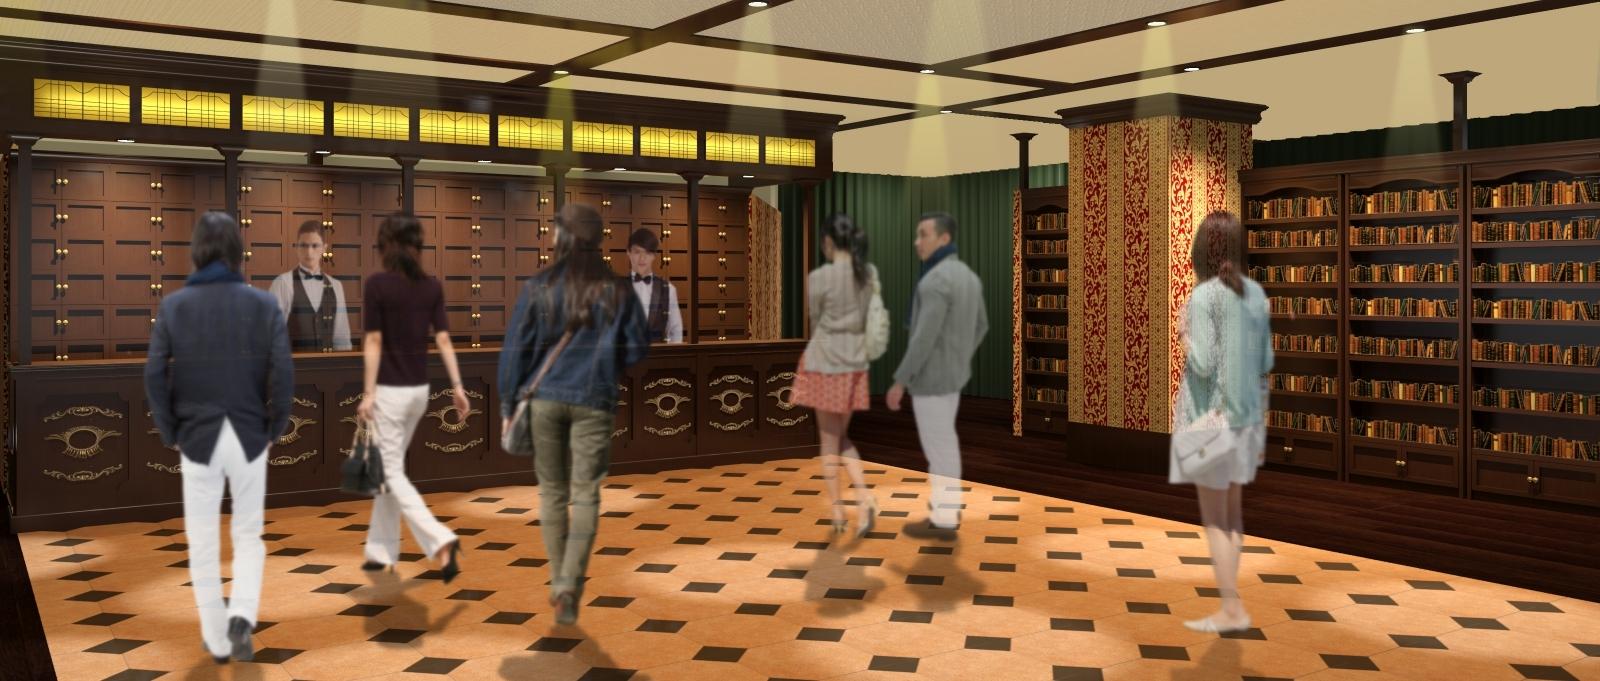 2階  リアル捜査スペース リアル捜査ゲーム「歌舞伎町 探偵セブン」